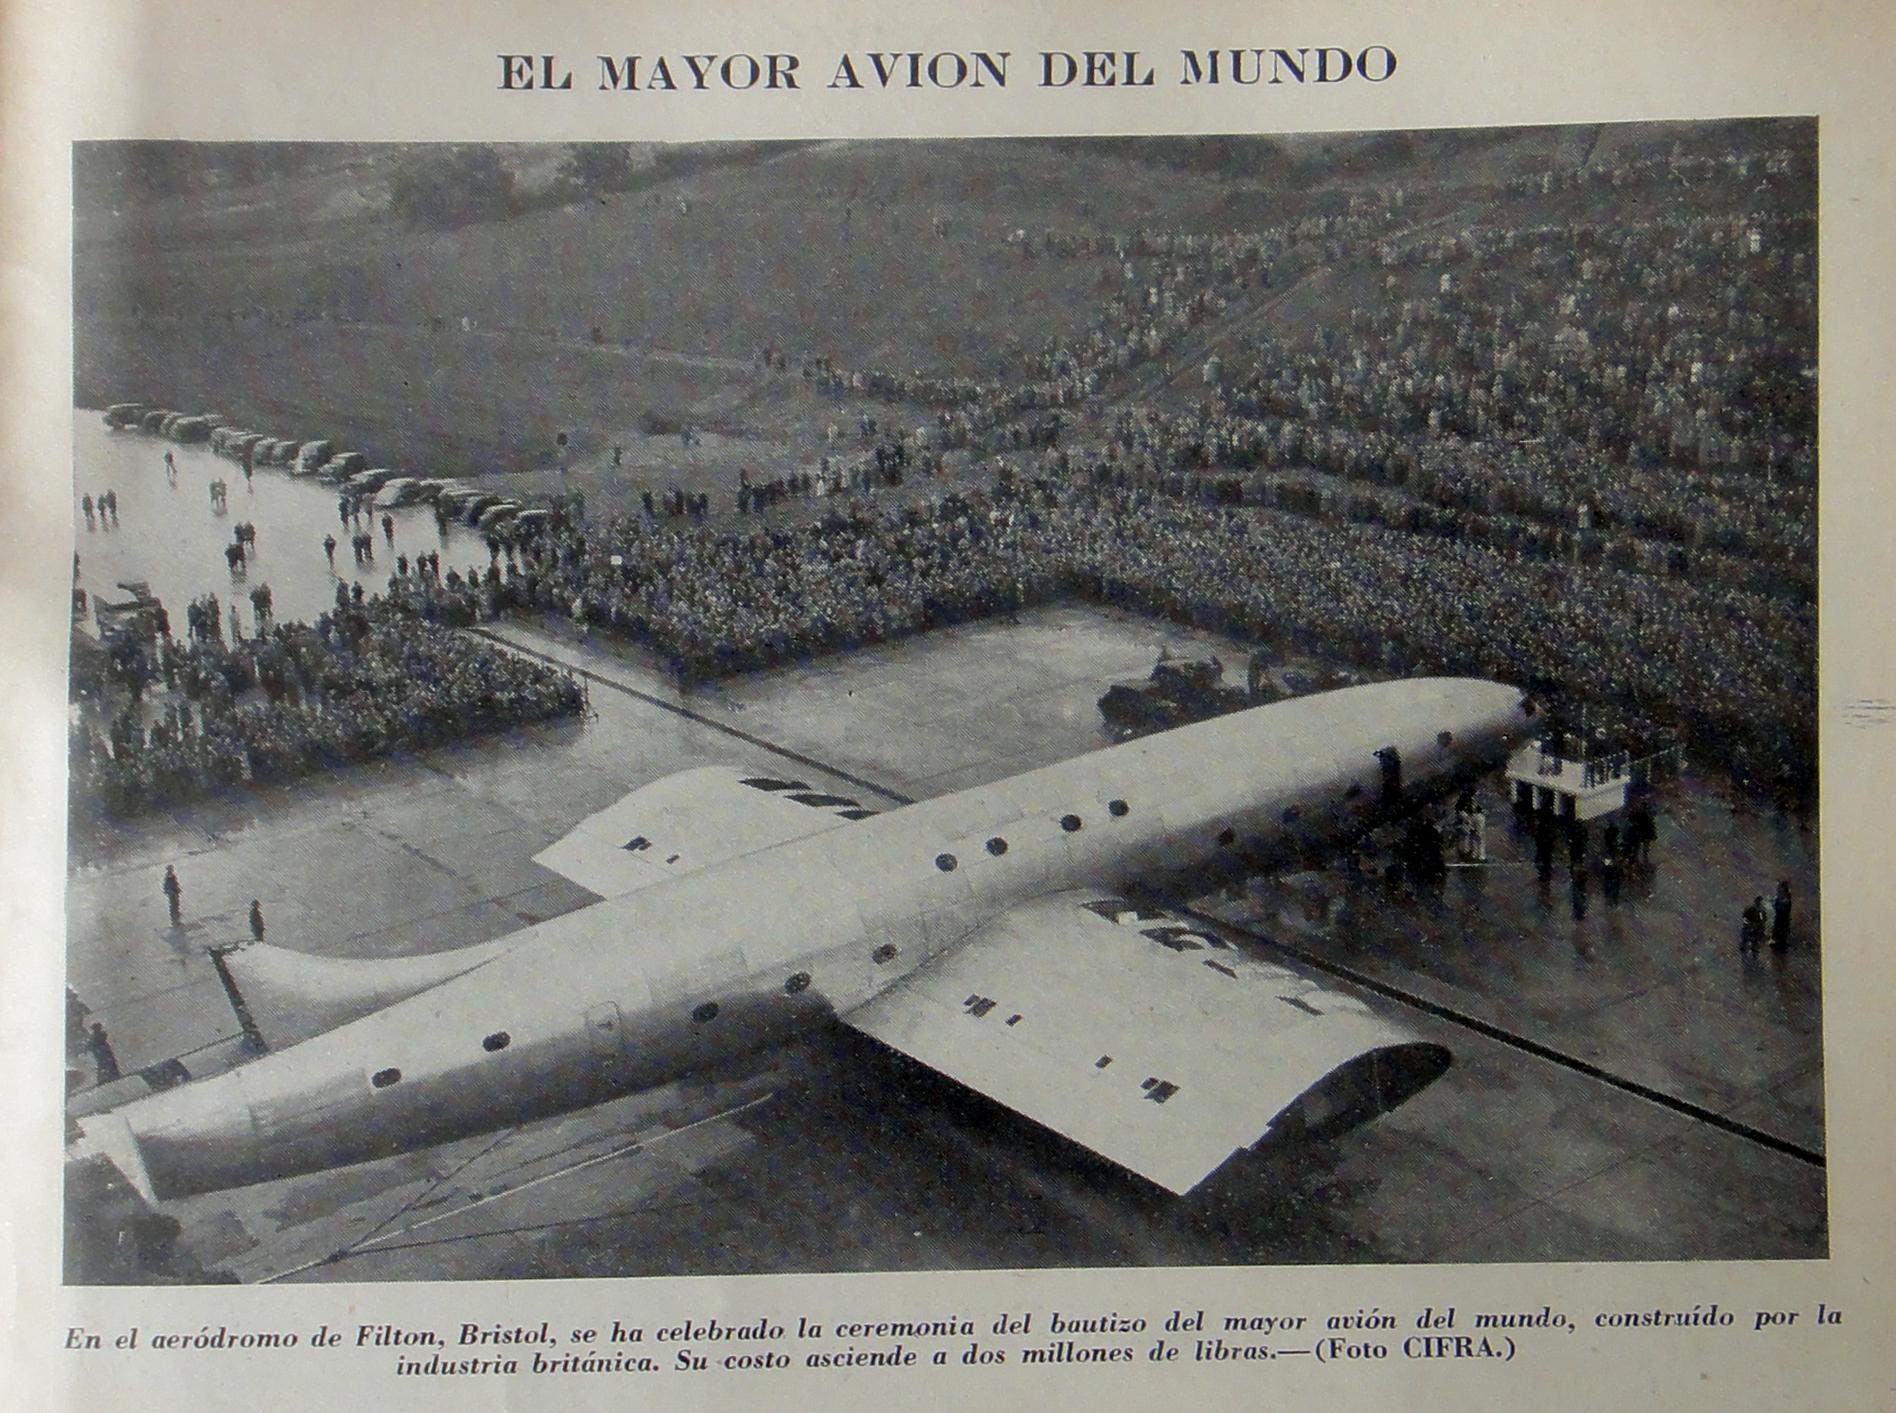 1947-nov-30-mundo